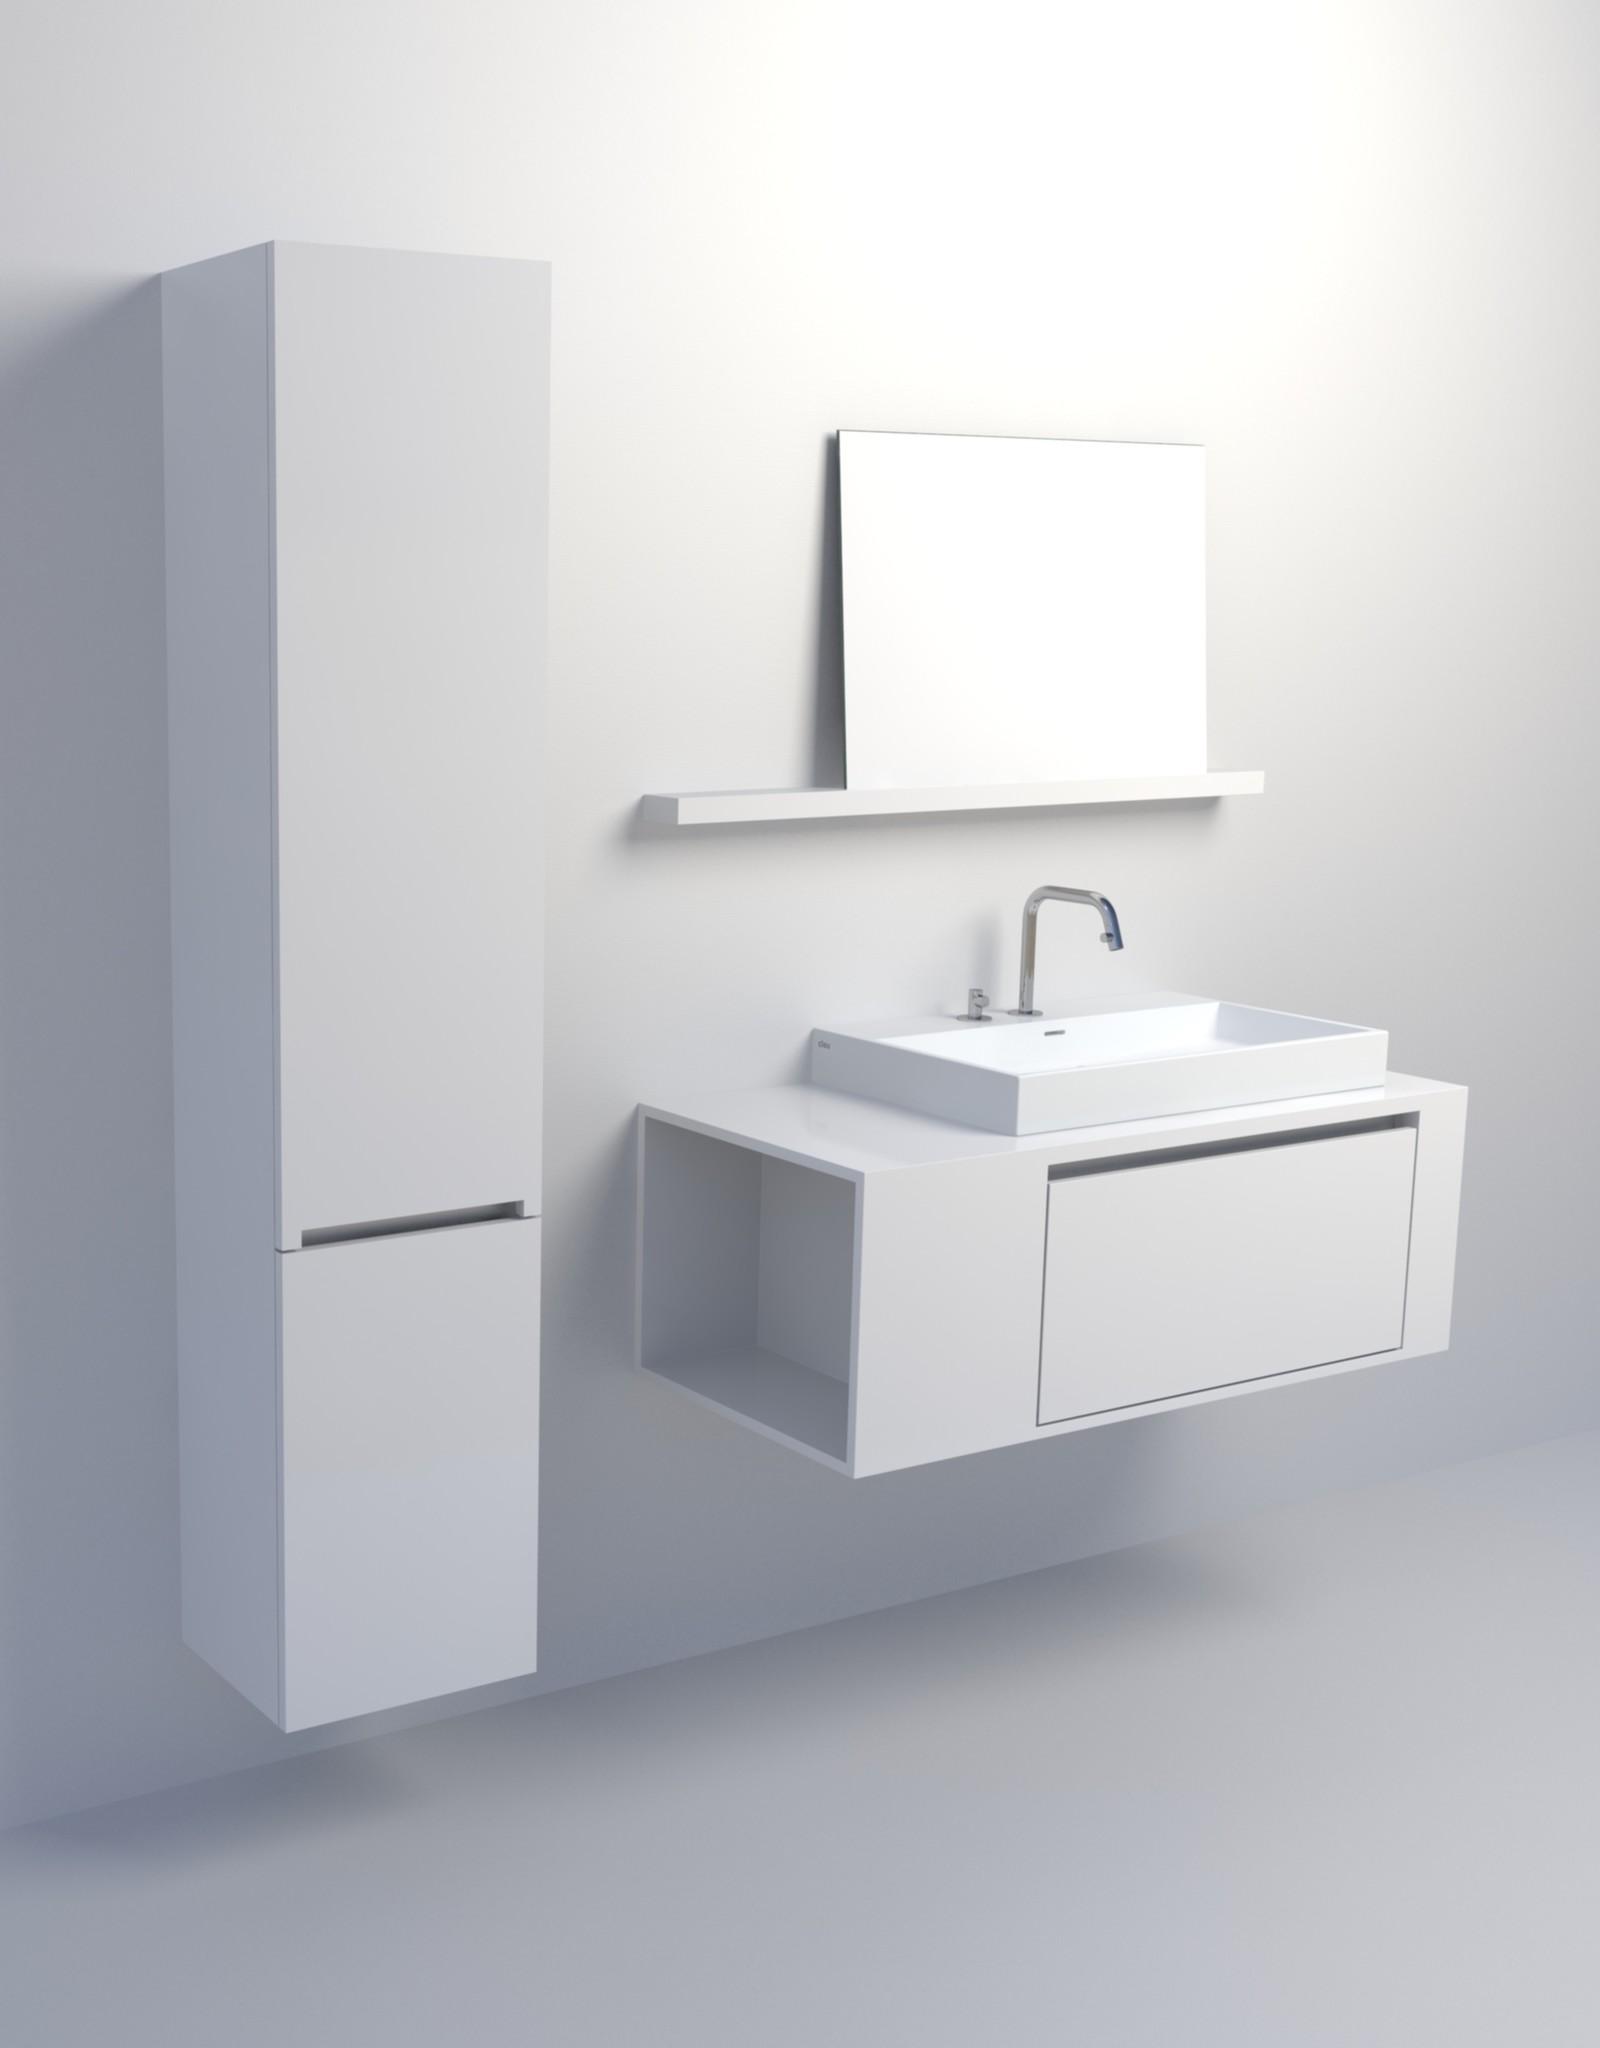 Wash Me armoire colonne 35cm- vente/produit a été utilisé lors d'une foire